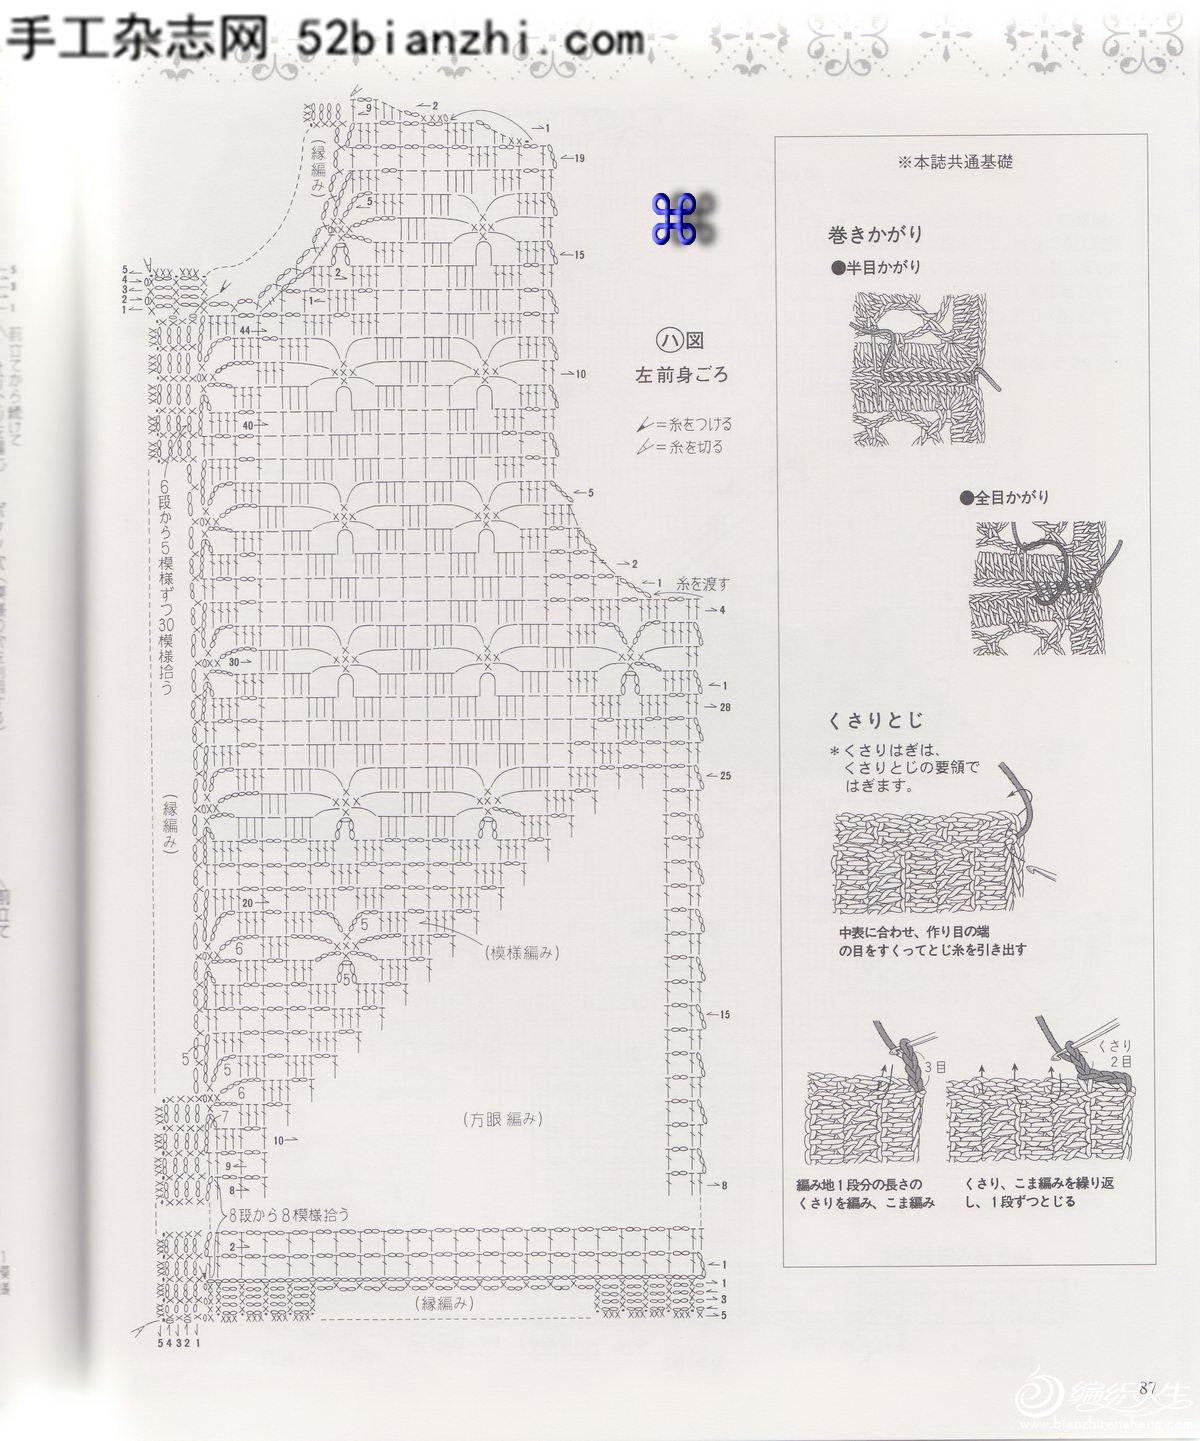 52bianzhi.com (88).jpg